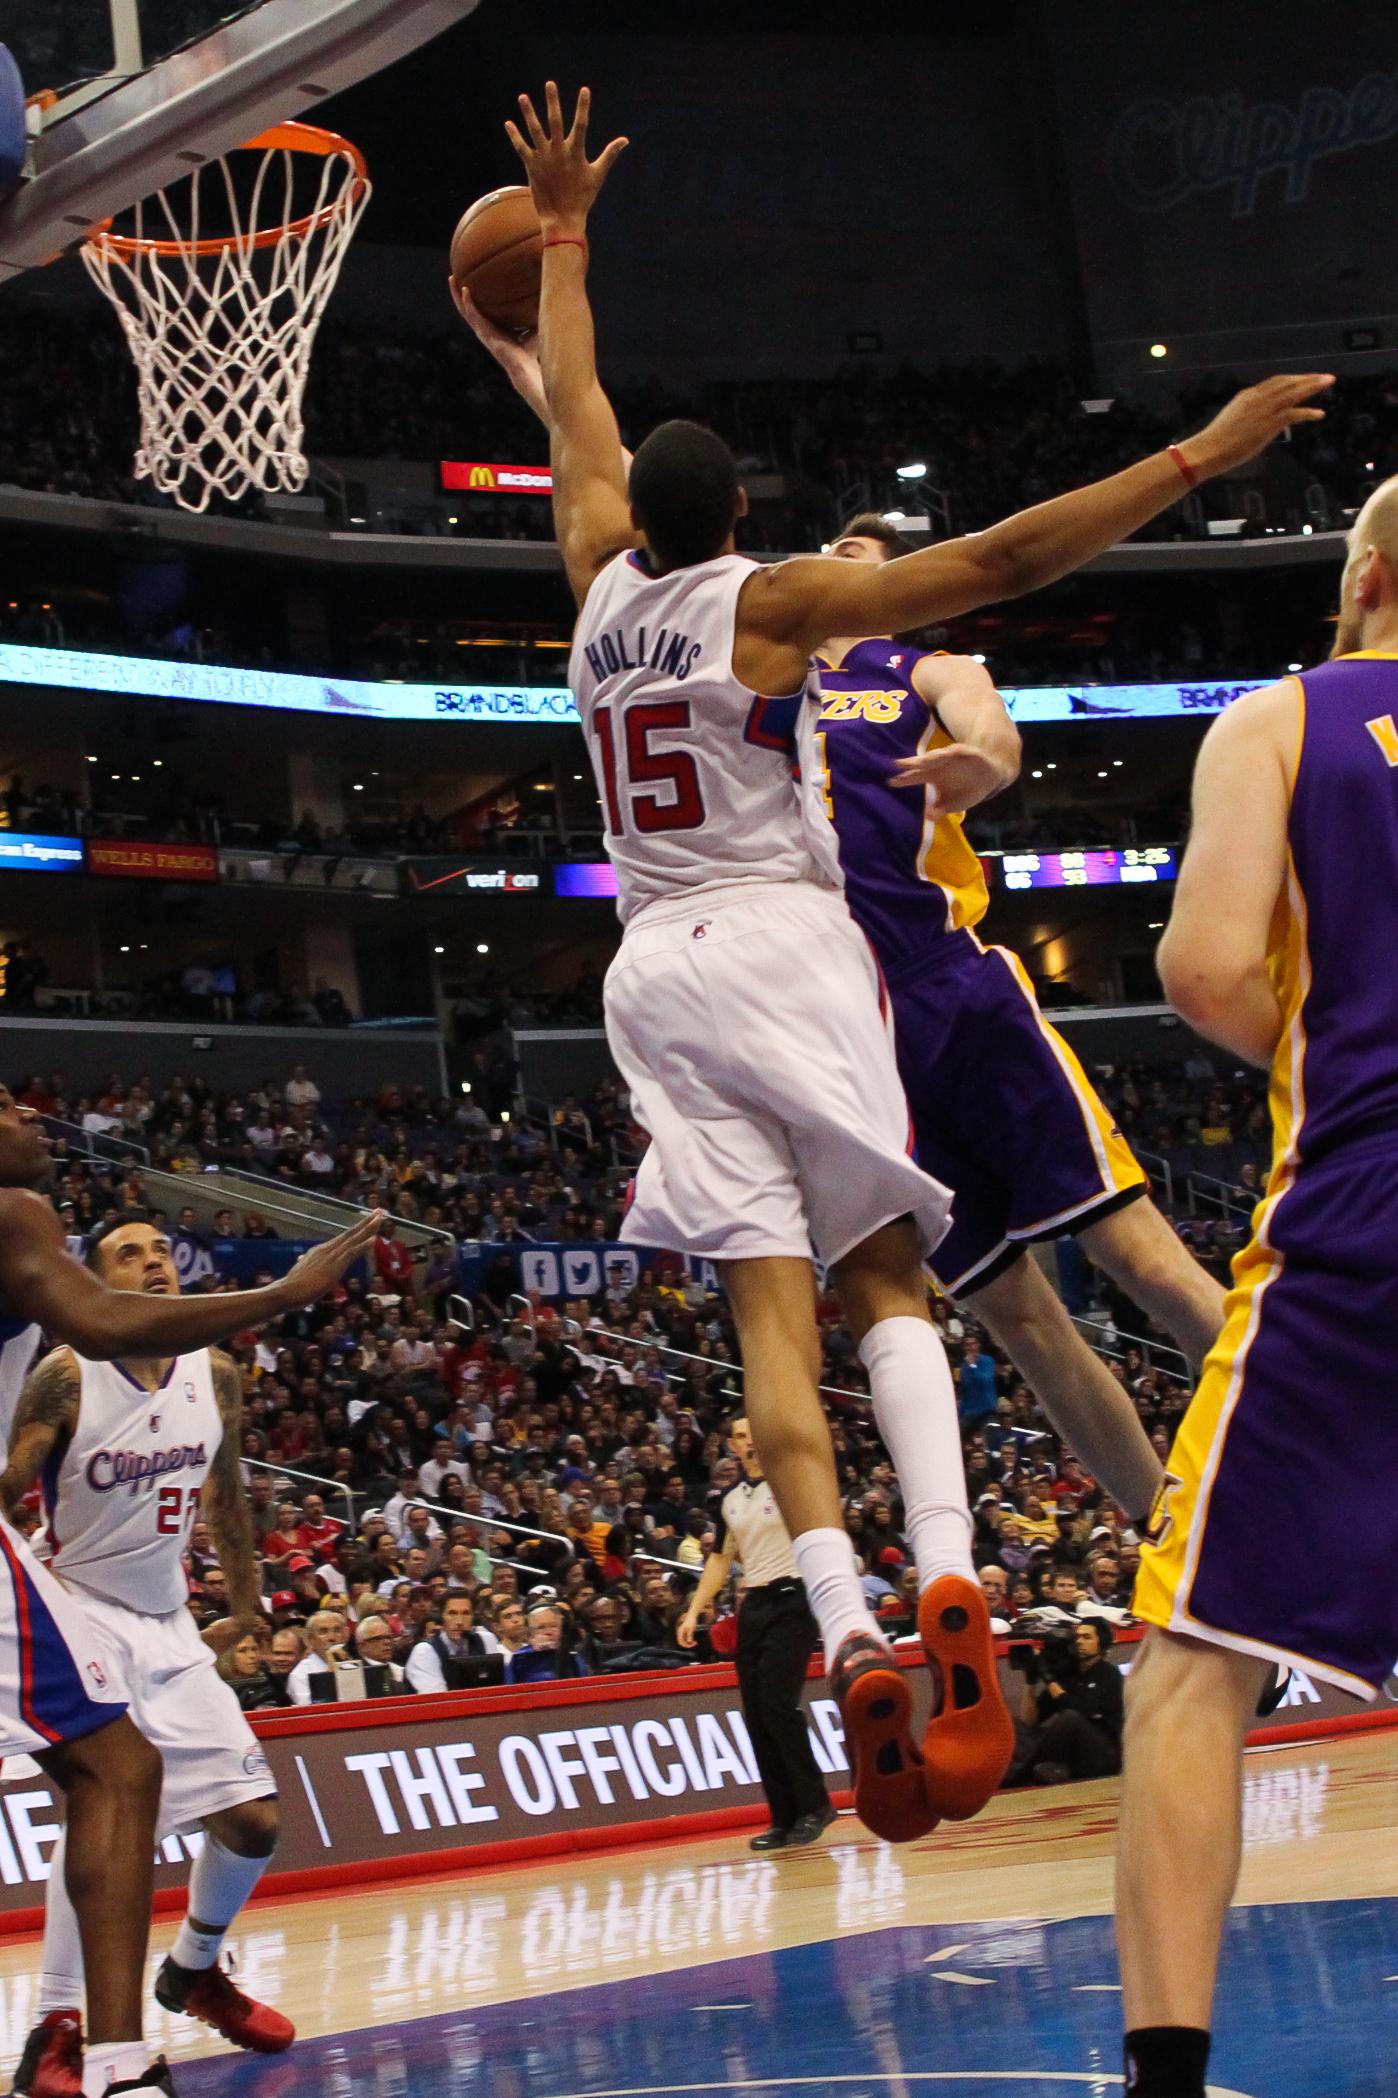 Photos by Varon P. Lakers-29.jpg